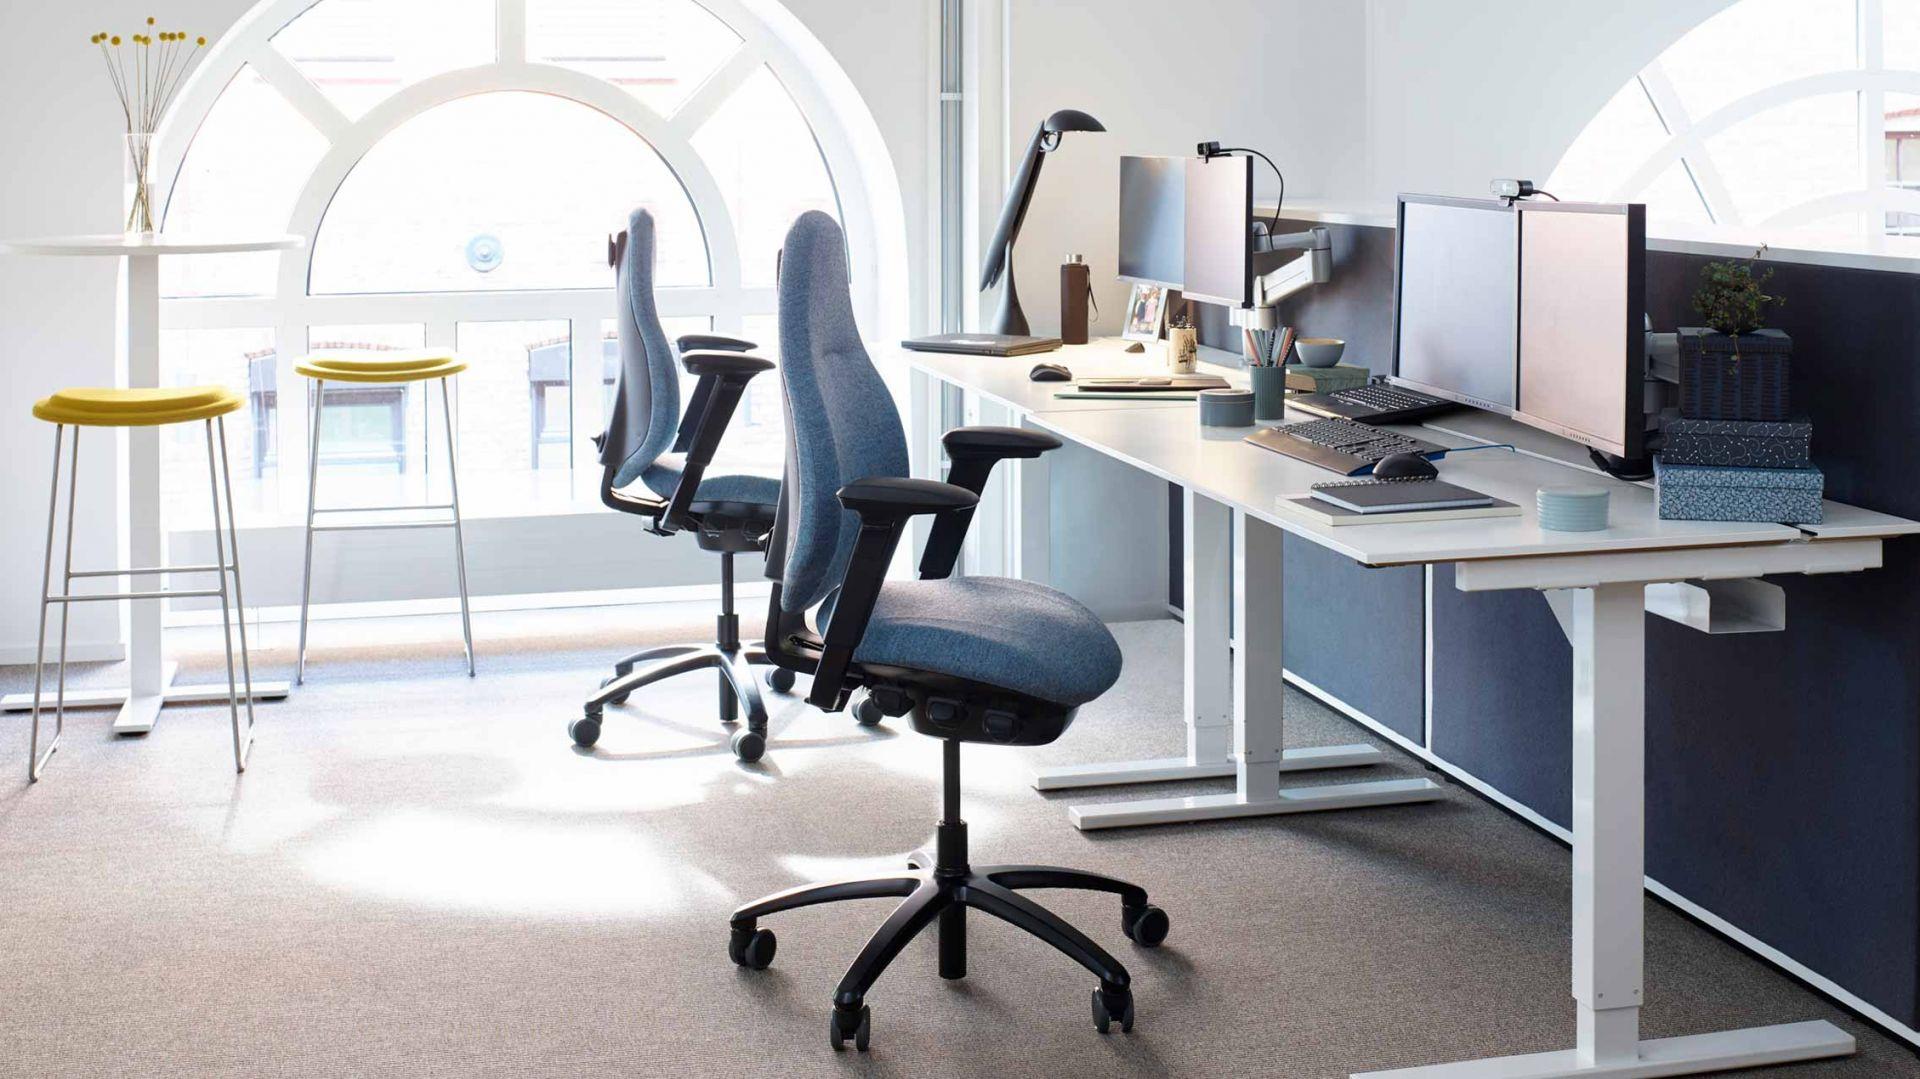 Fotel RH New Logic, umożliwiający najbardziej precyzyjne dopasowanie do postawy użytkownika, jednocześnie zapewniając ergonomiczną swobodę ruchu. Fot. mat. pras.  HSR.life